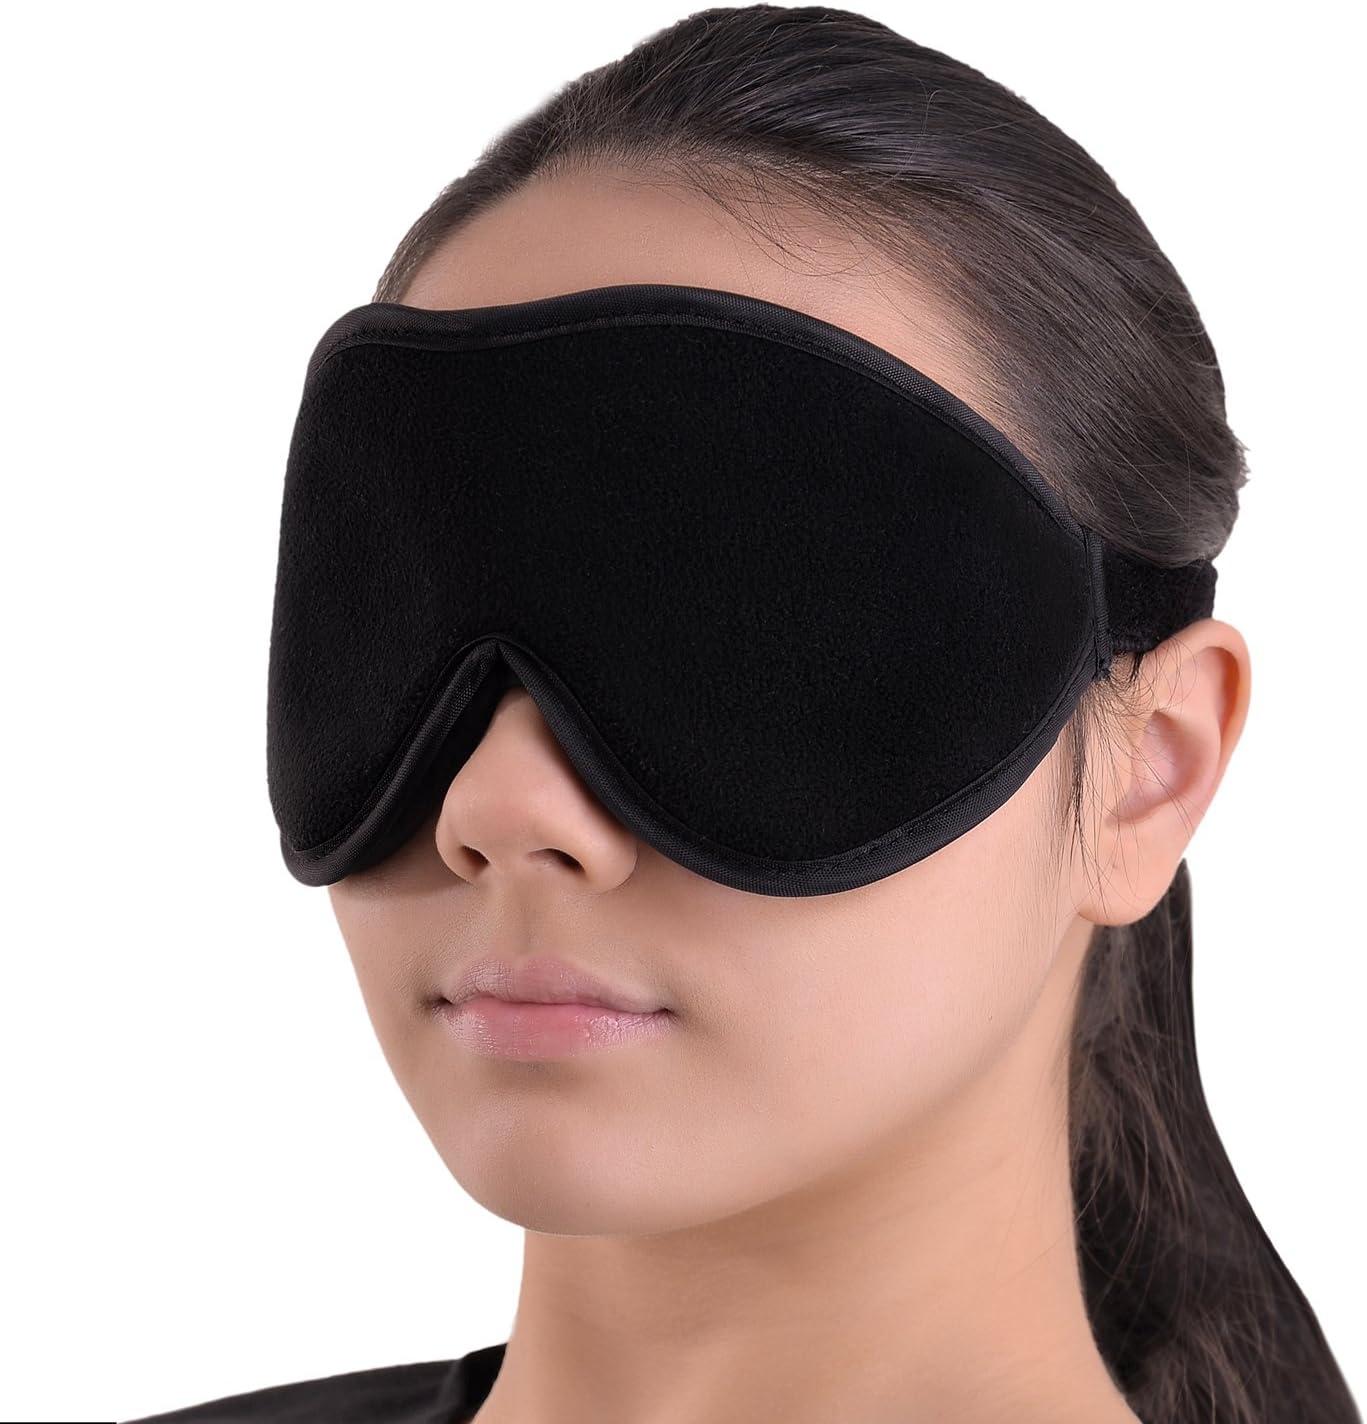 Antifaz para Dormir - Suave Venda para Ojos para Viajar 100% Anti-Luz Totalmente Opaco